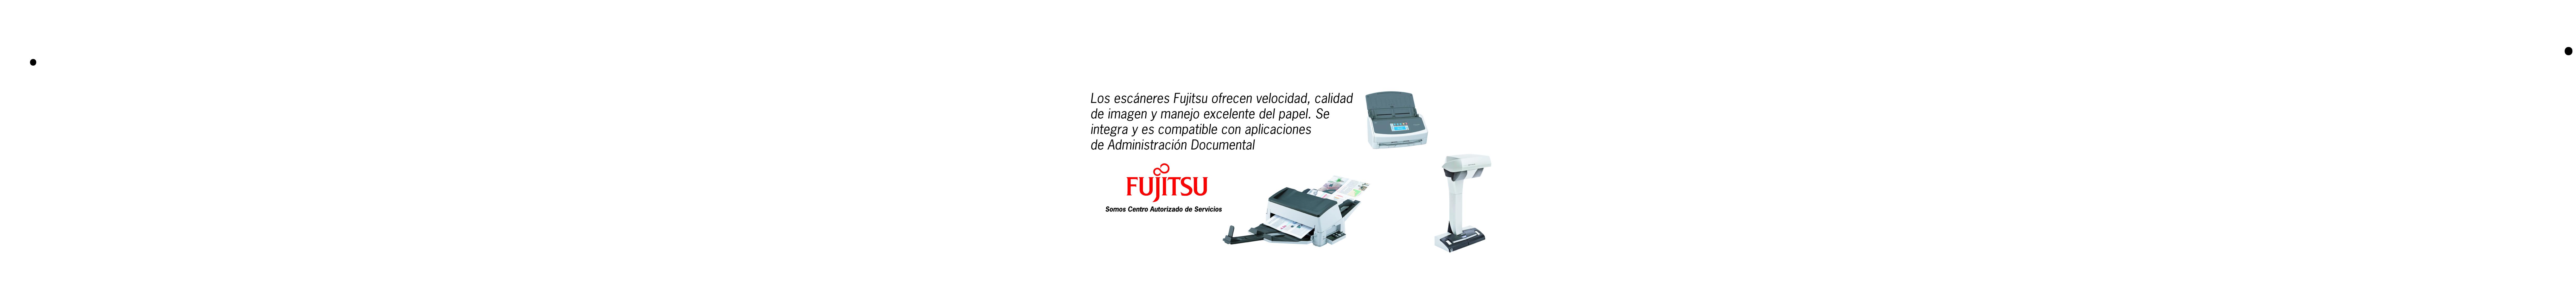 CARATULA FUJITSU WEB84.ai